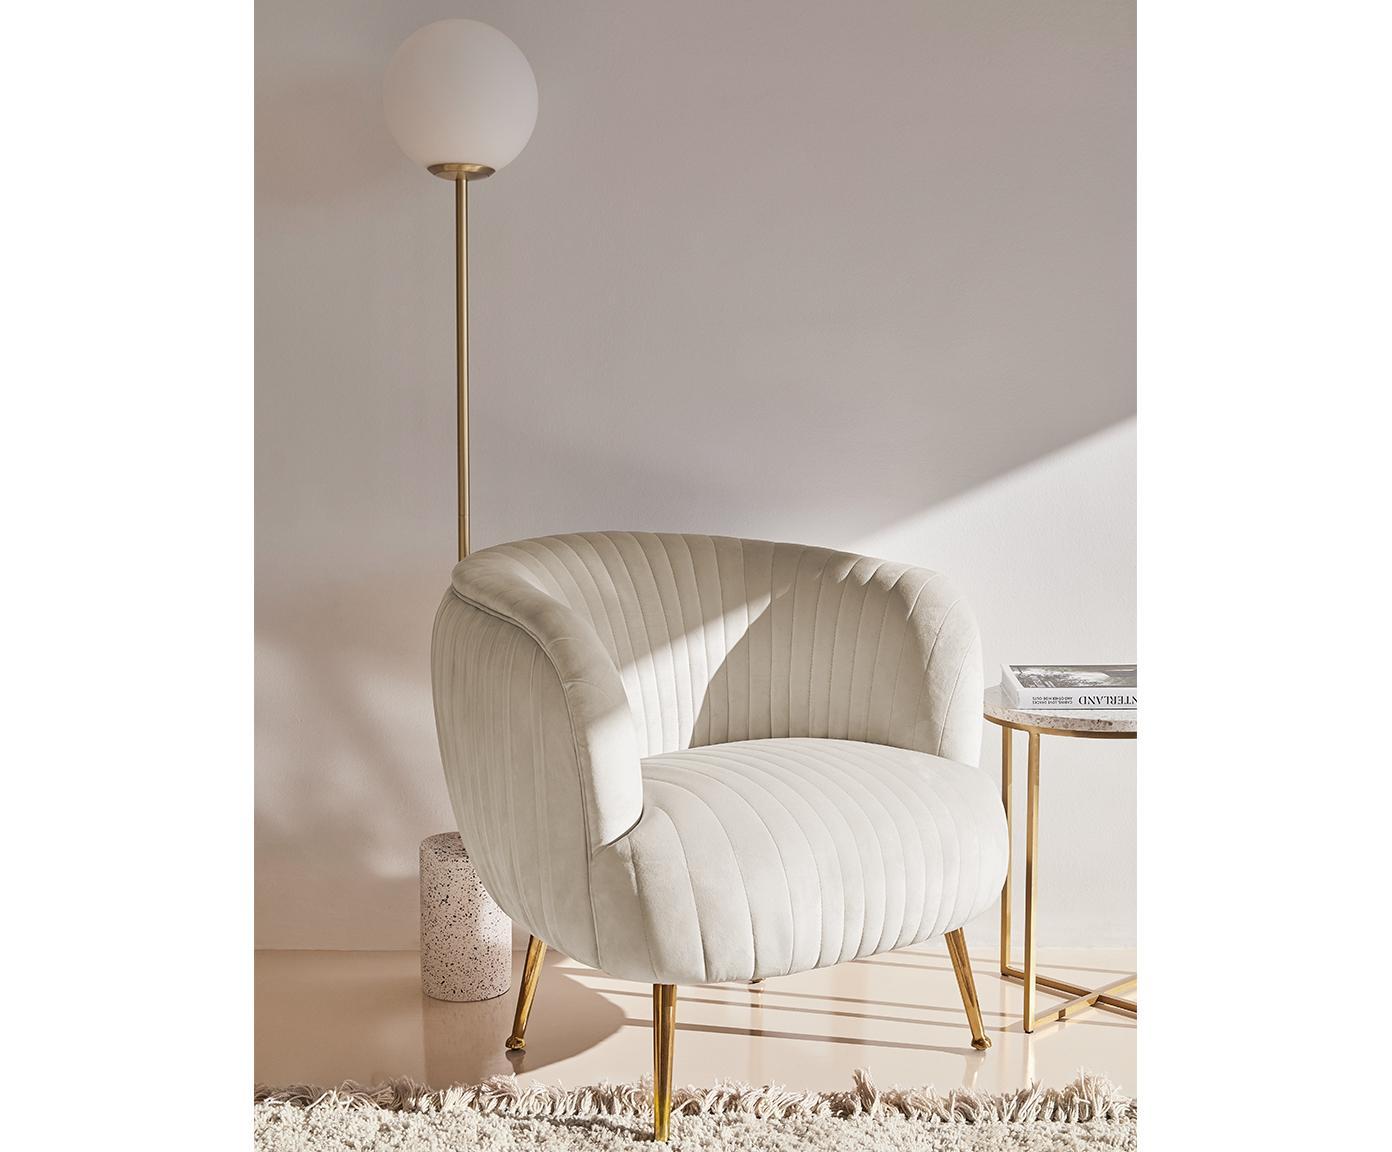 Lampa podłogowa Mosaik, Klosz: biały podstawa lampy: biały, wzór lastriko, odcienie brązu, matowy, Ø 25 x W 160 cm